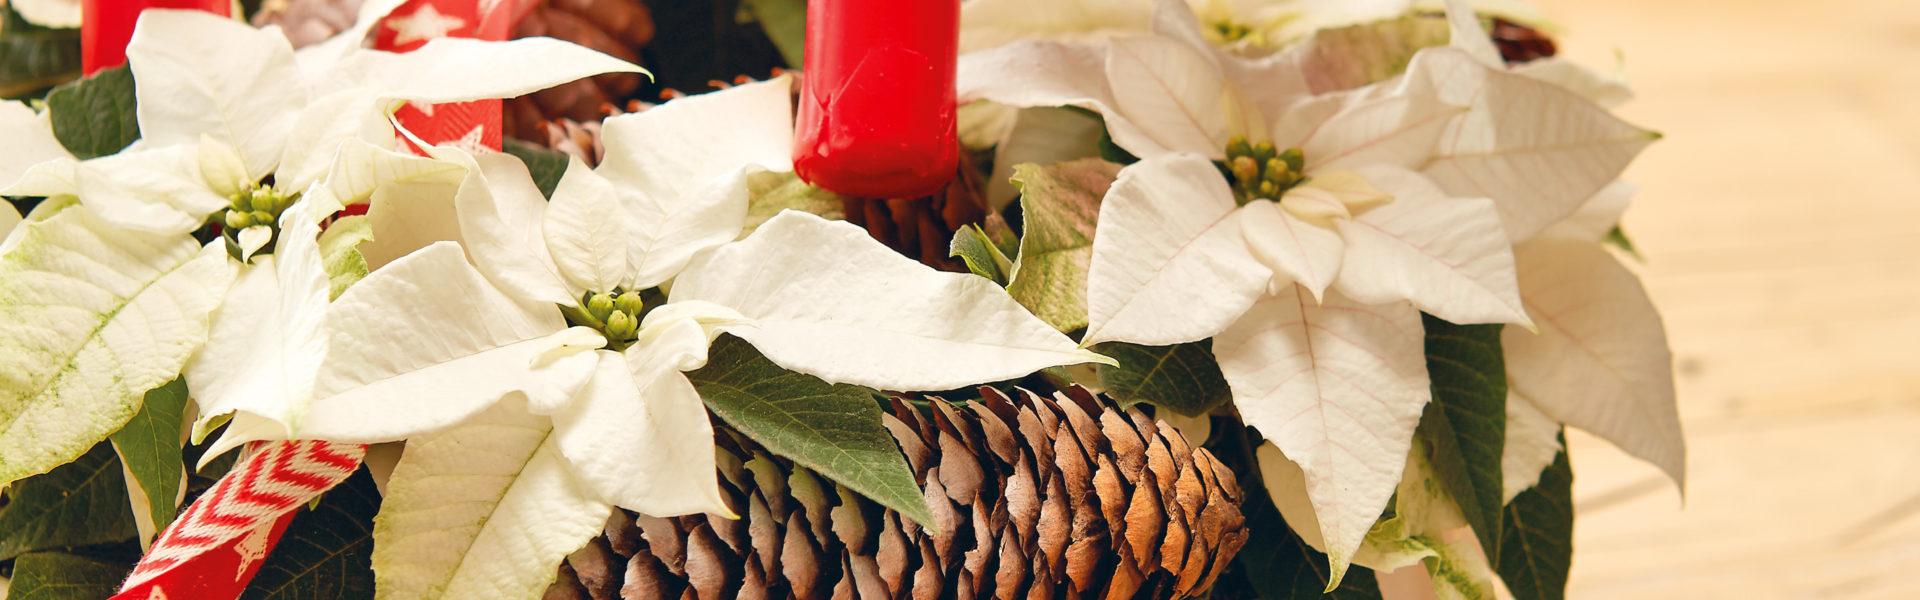 Lag en adventskrans med julestjerner og gjenbruk